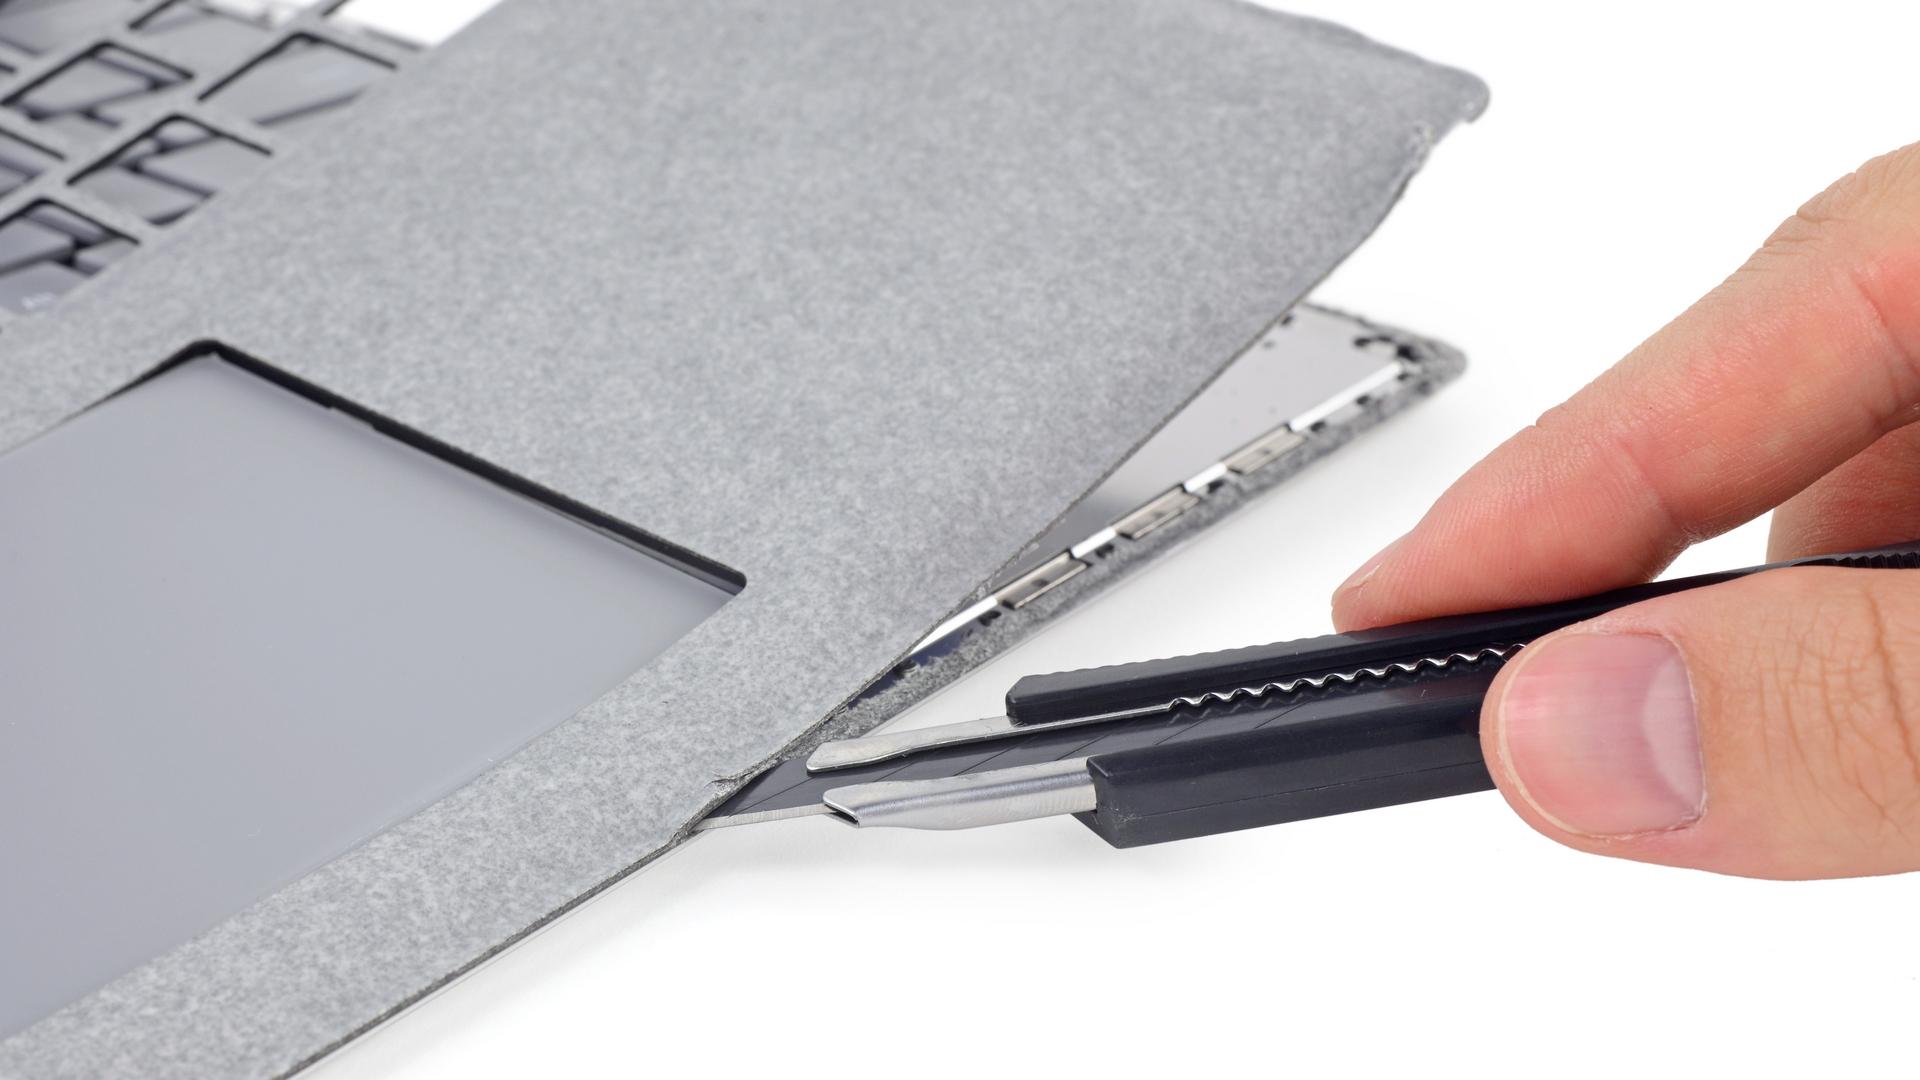 Un ordinateur portable séduisant mais irréparable — Surface Laptop